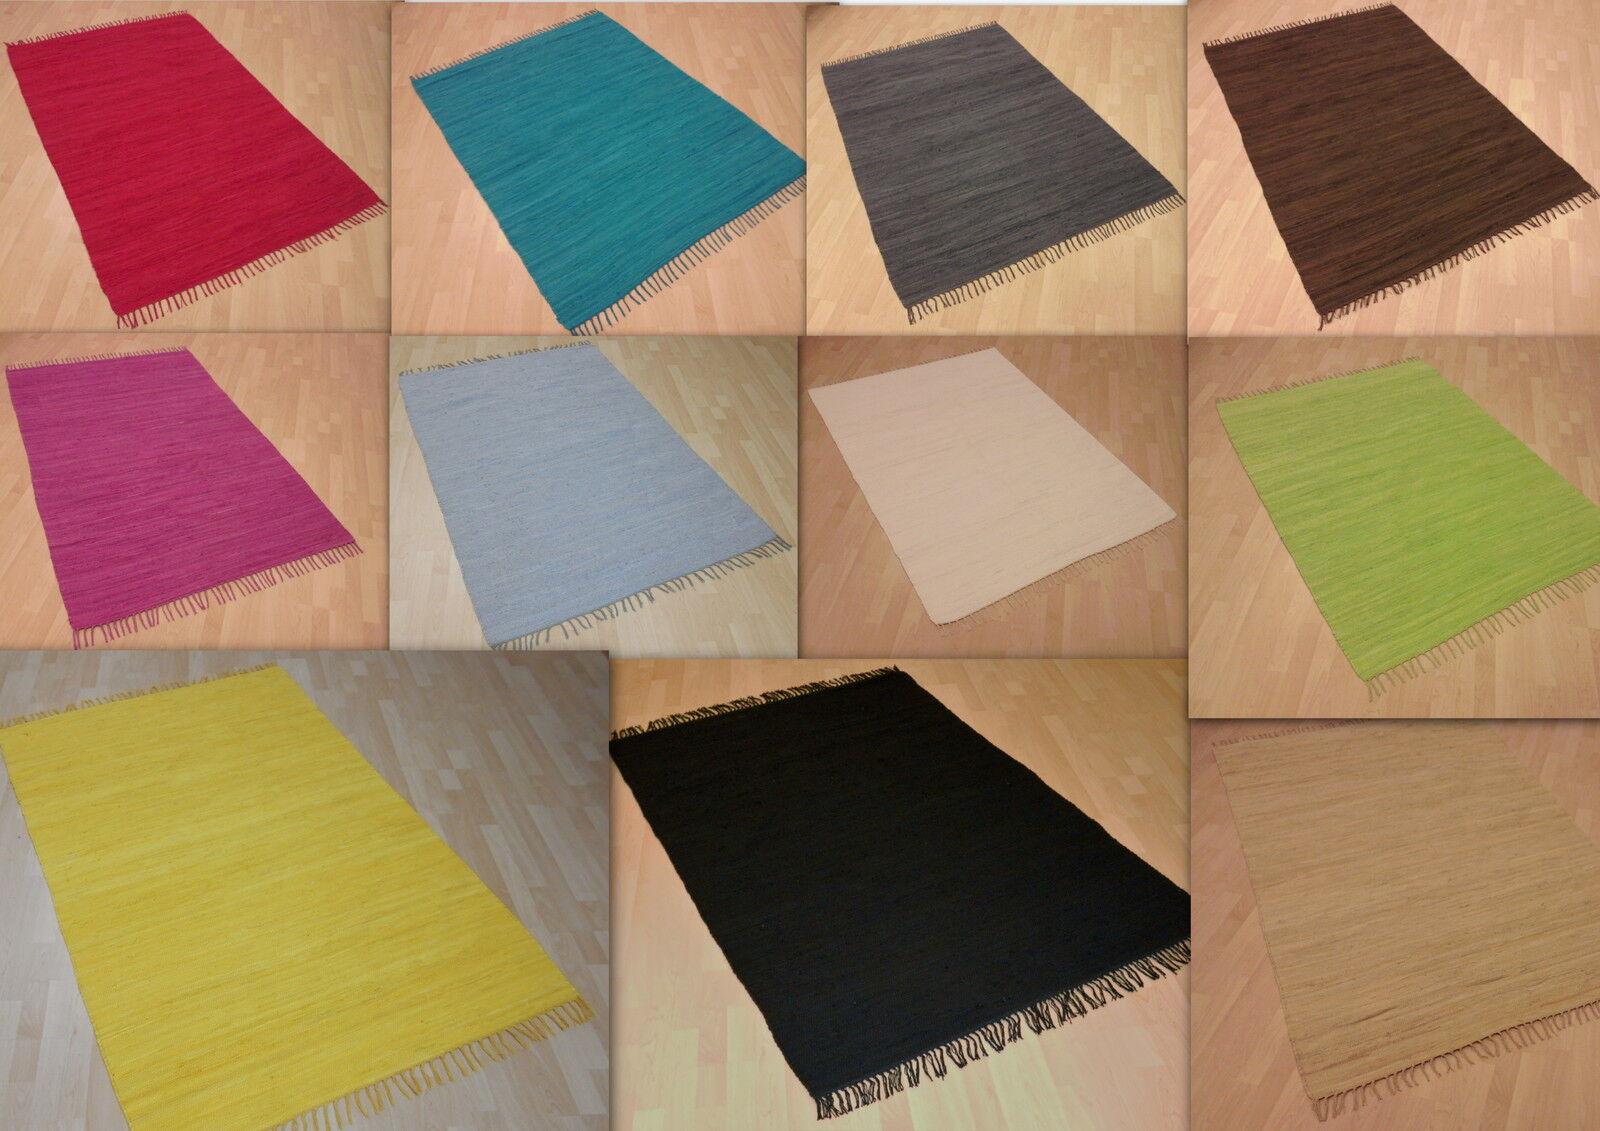 Teppich Fleckerl Fleckerlteppich Handwebteppich UNI Baumwolle Handweb Waschbar